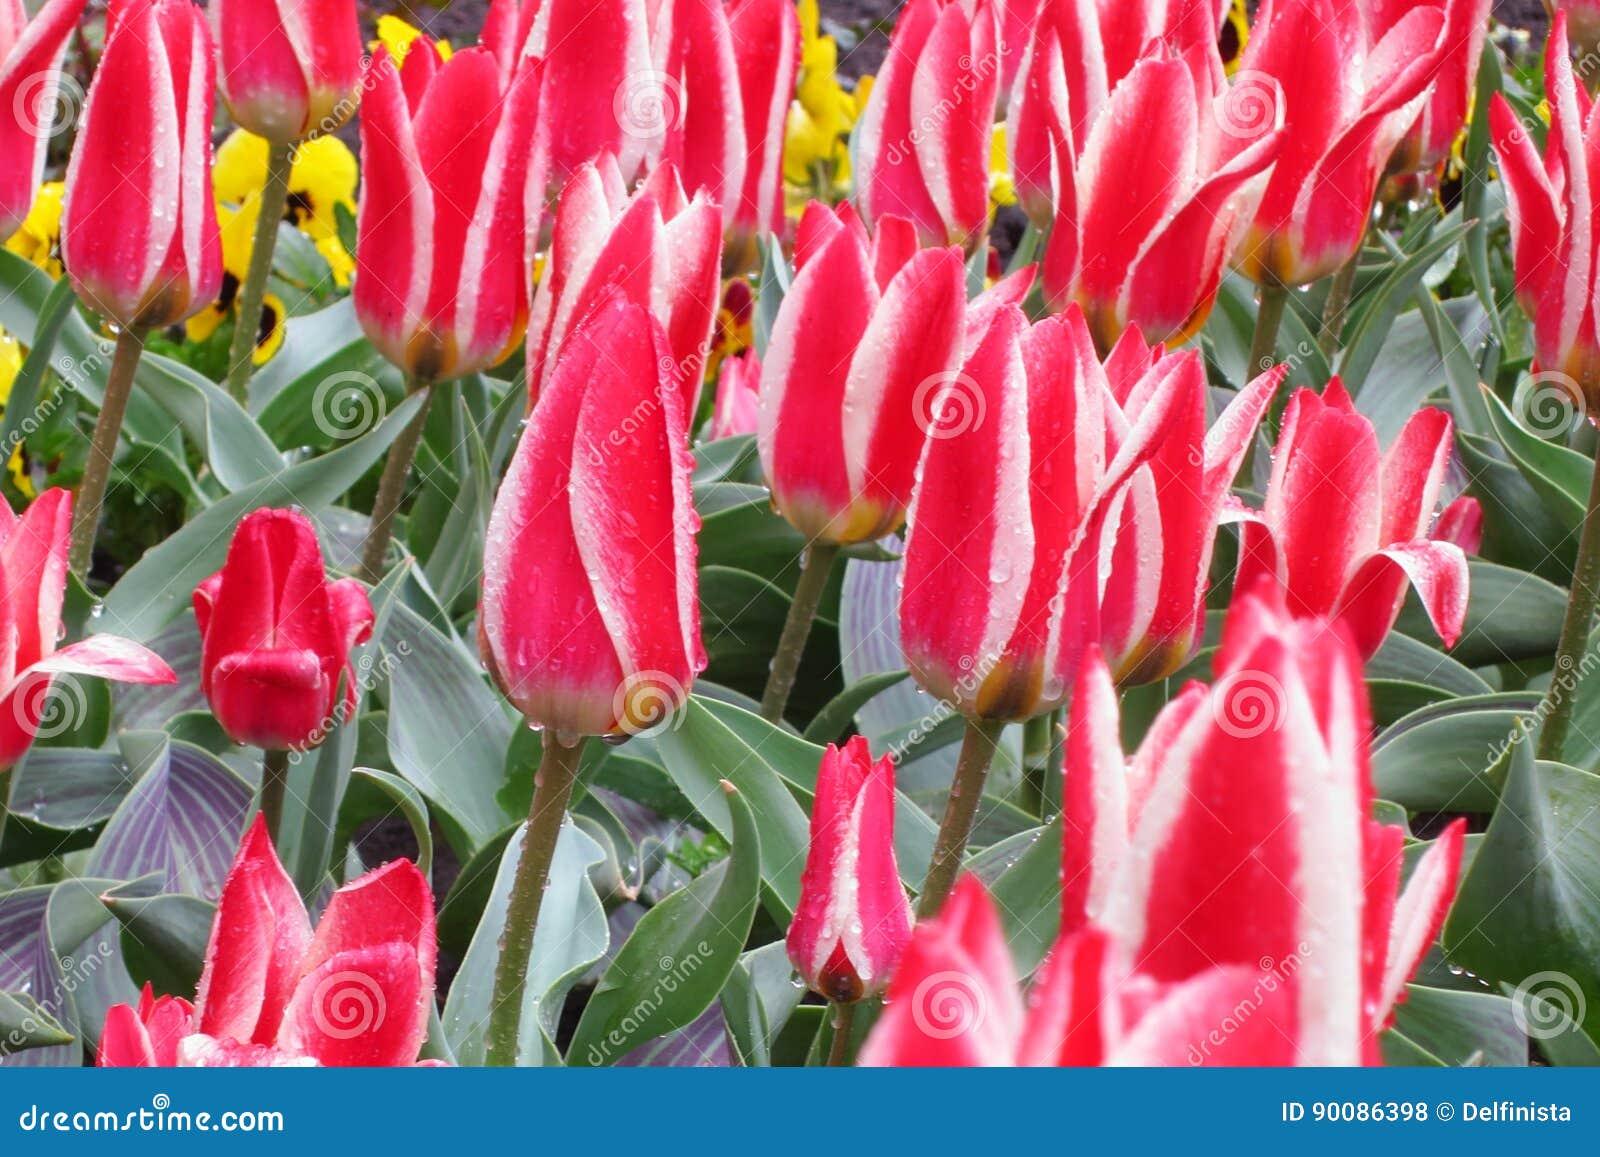 Tulip Flower Background - le ressort fleurit les photos courantes